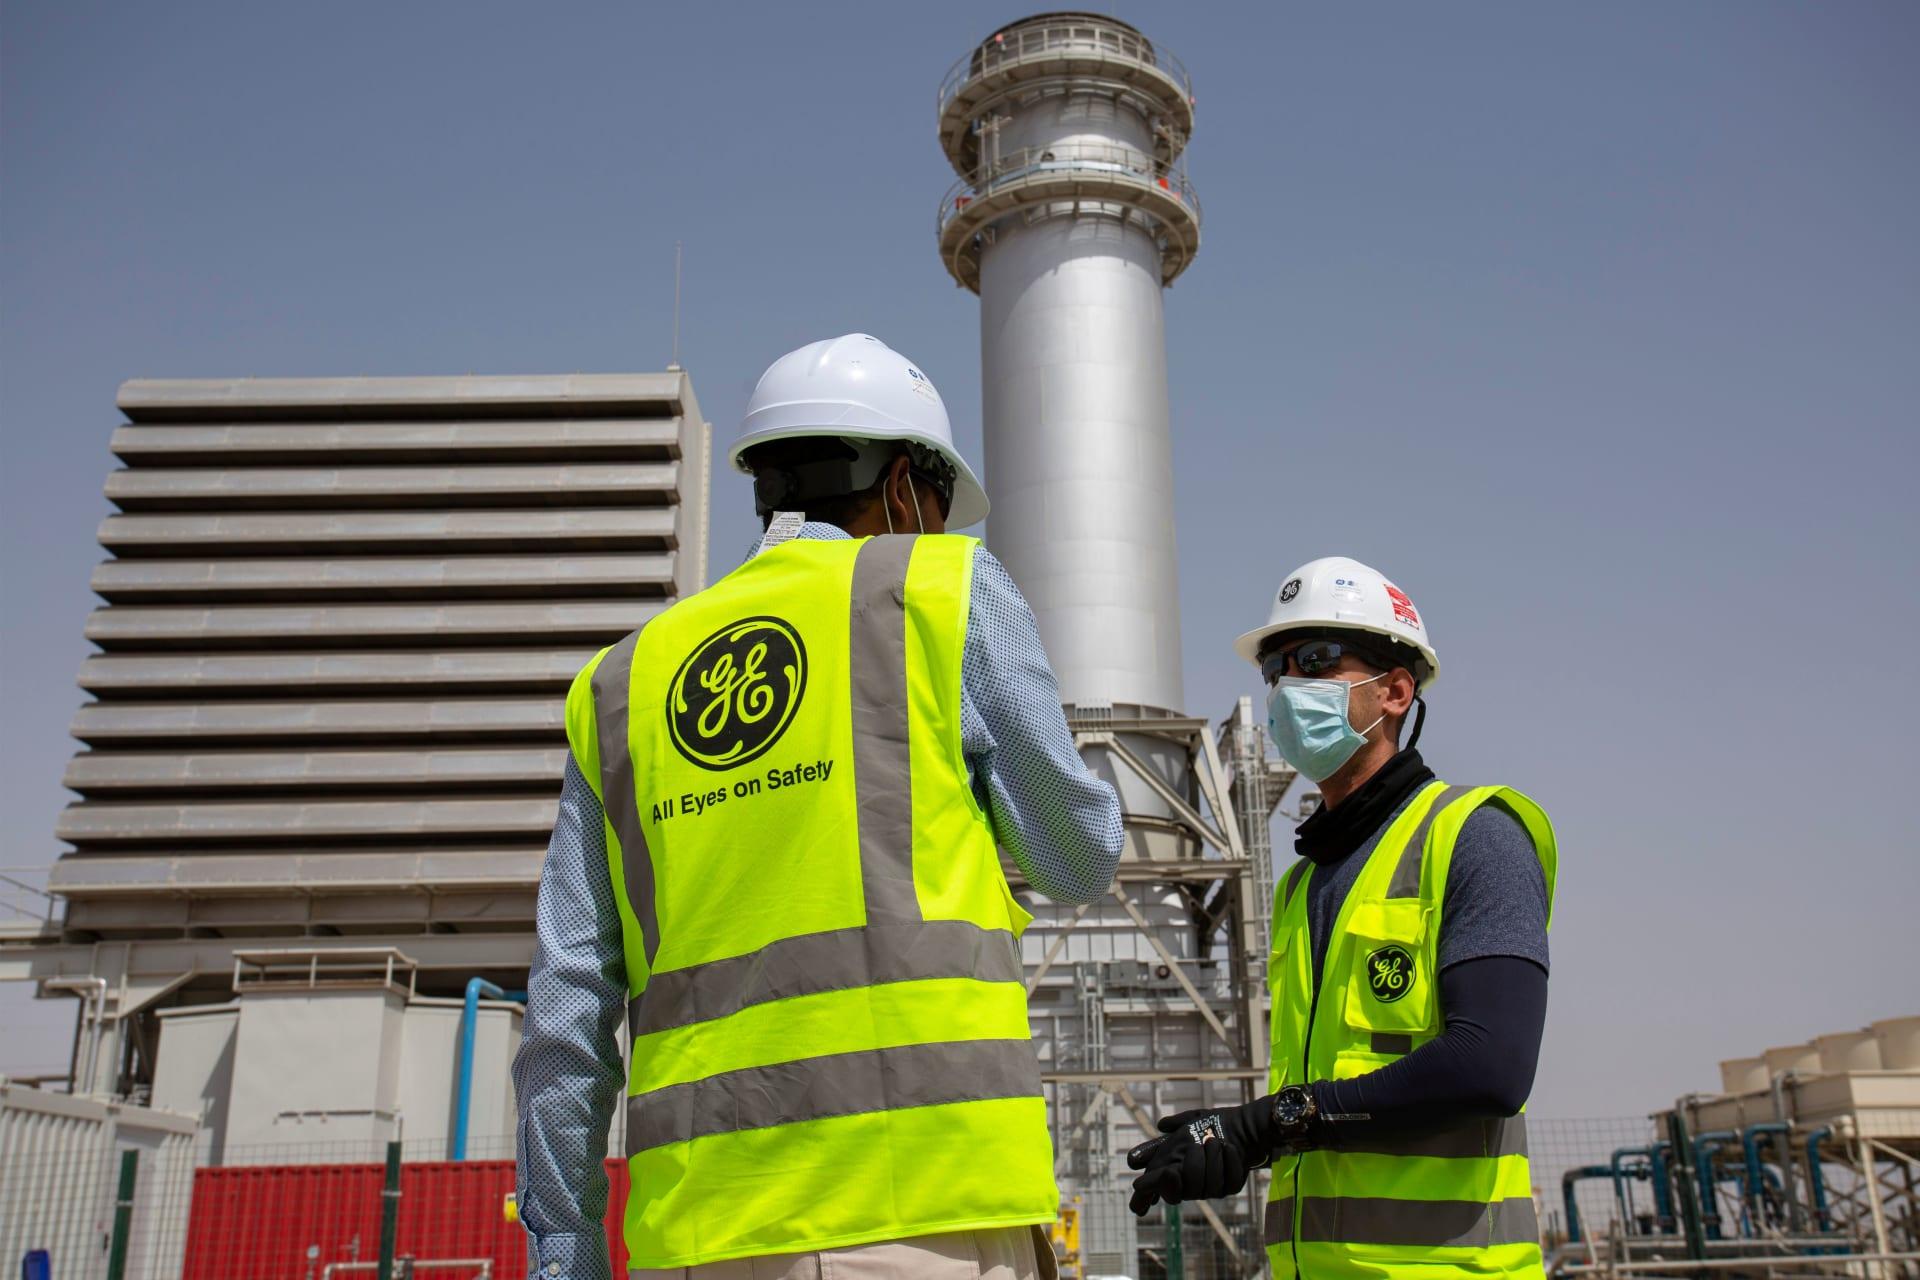 فنيون يتجولون في مبنى محطة الكهرباء في مدينة السماوة جنوب العراق، 16 يونيو 2020